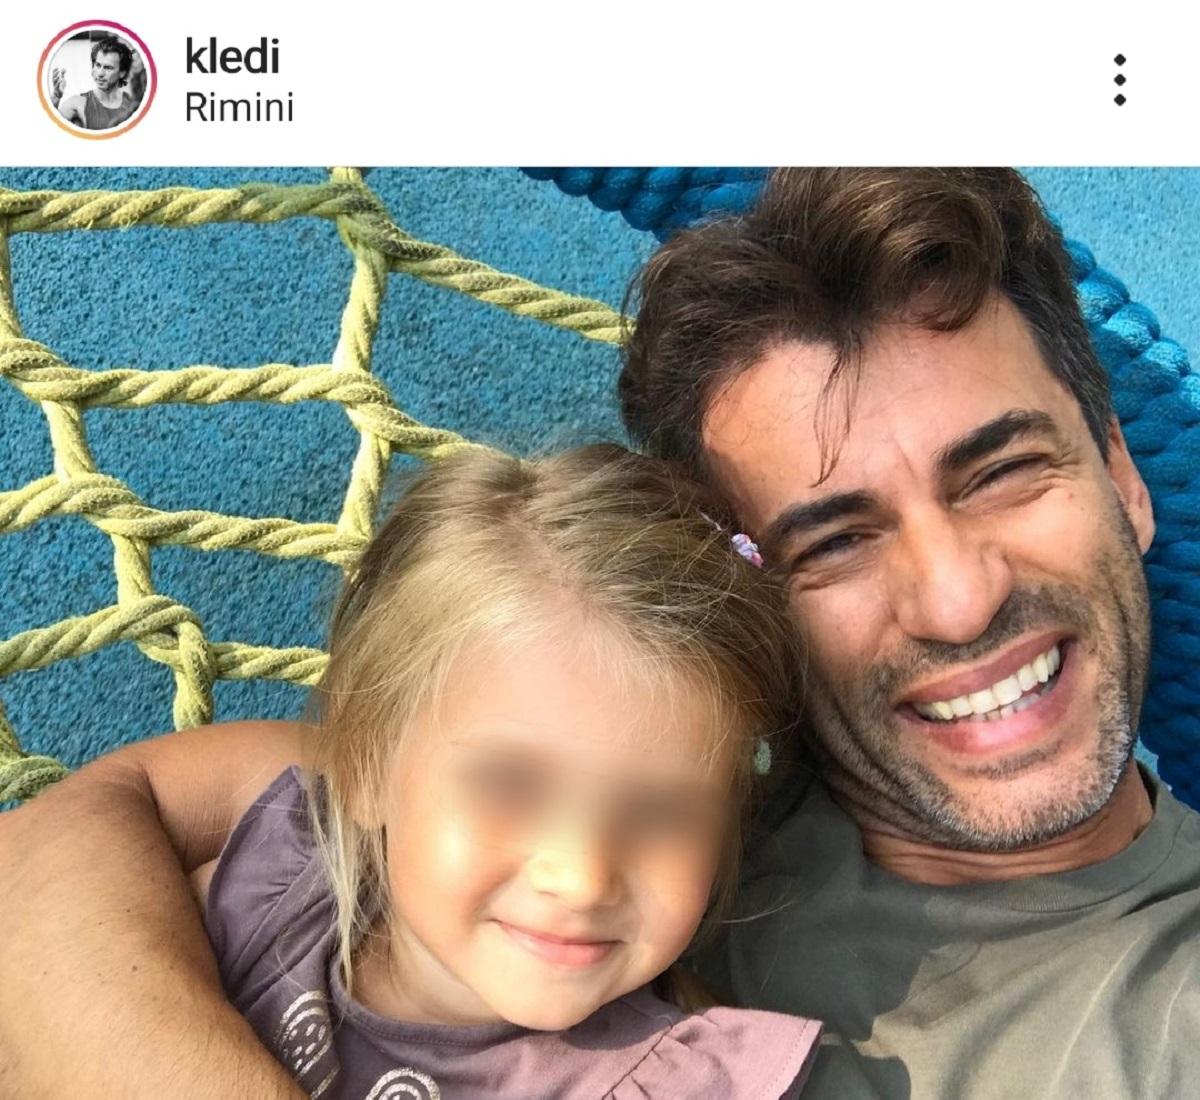 Kledi Kadiu figlia